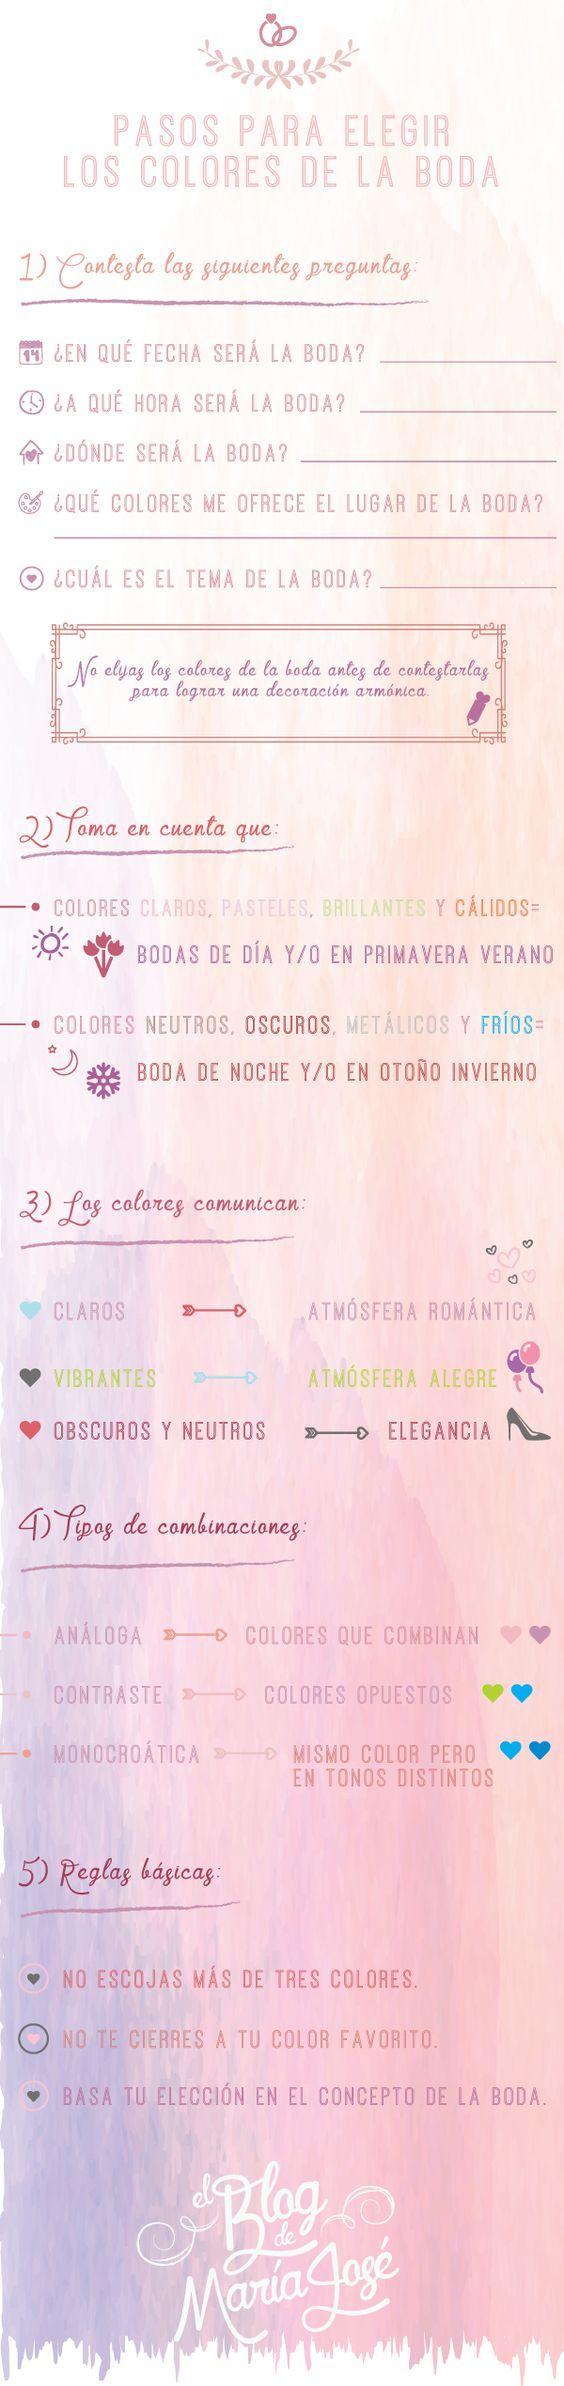 Colores de una Boda. Cómo elegirlos.  #ideassoneventos #bodas #ideasbodas…